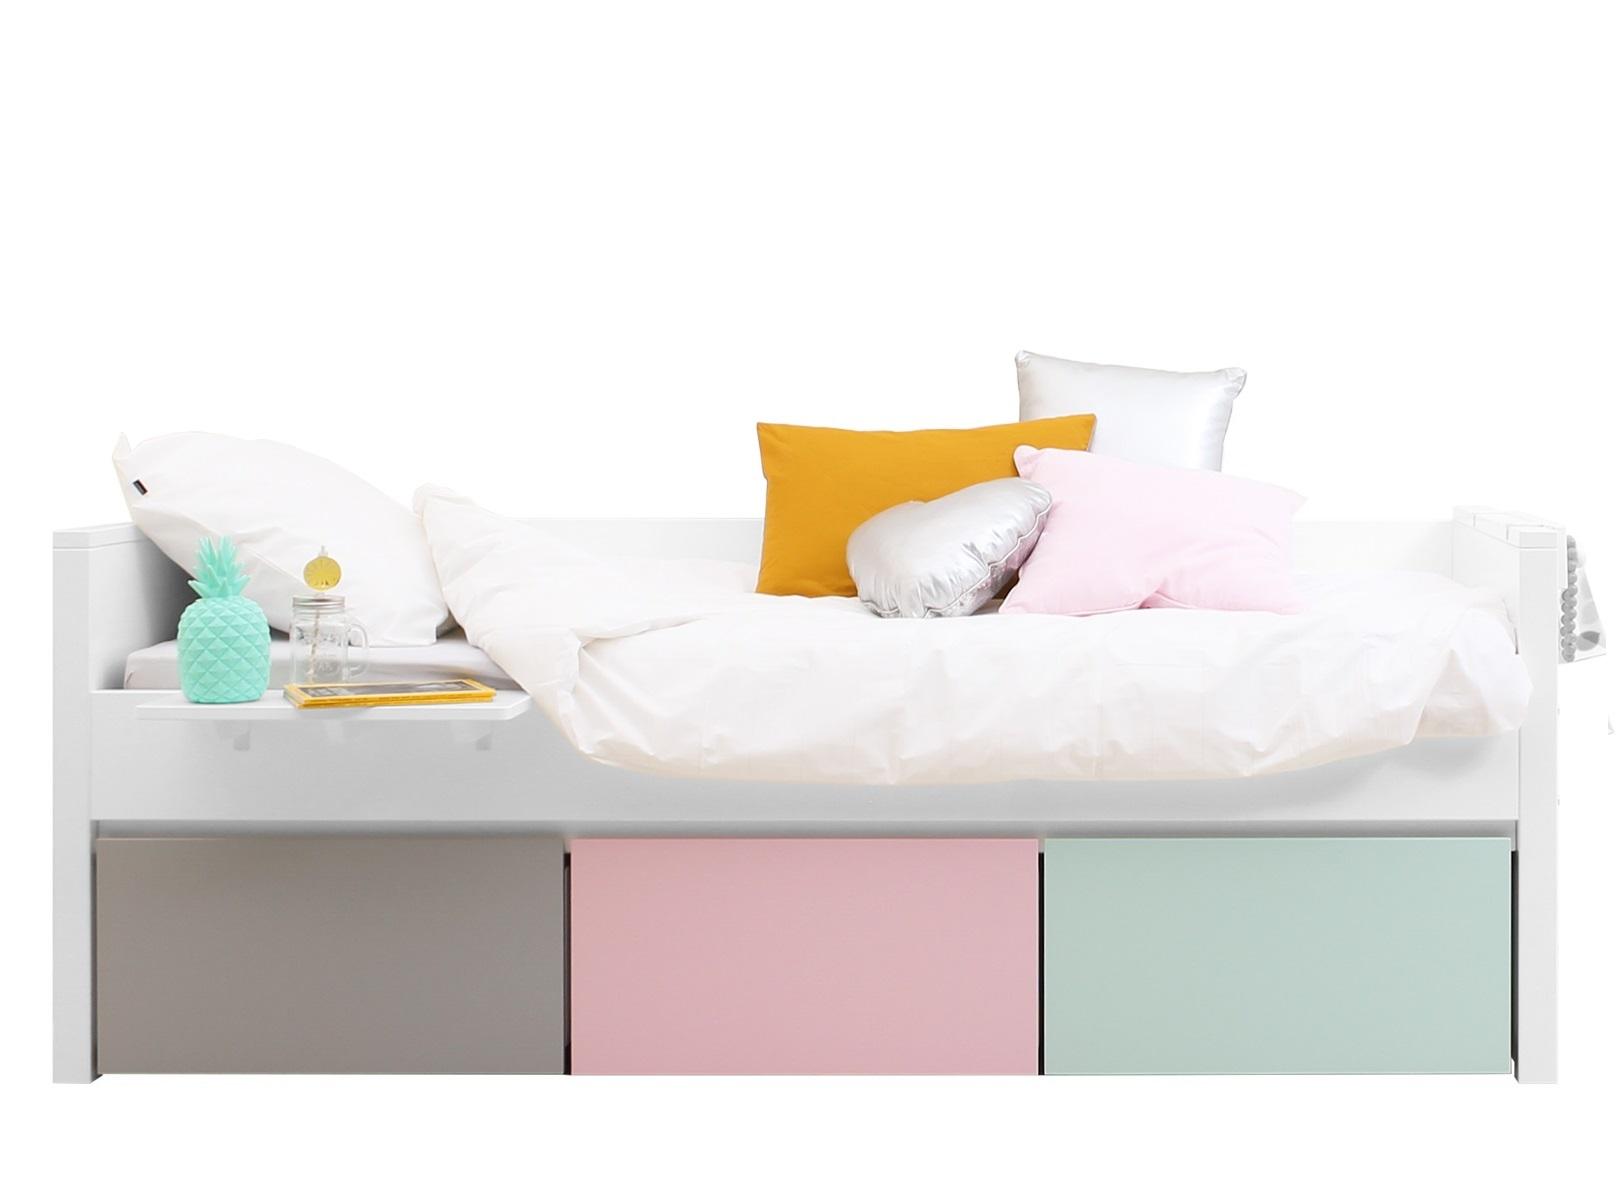 Tolle Nice Looking Bopita Bett Bilder - Die Designideen für ...